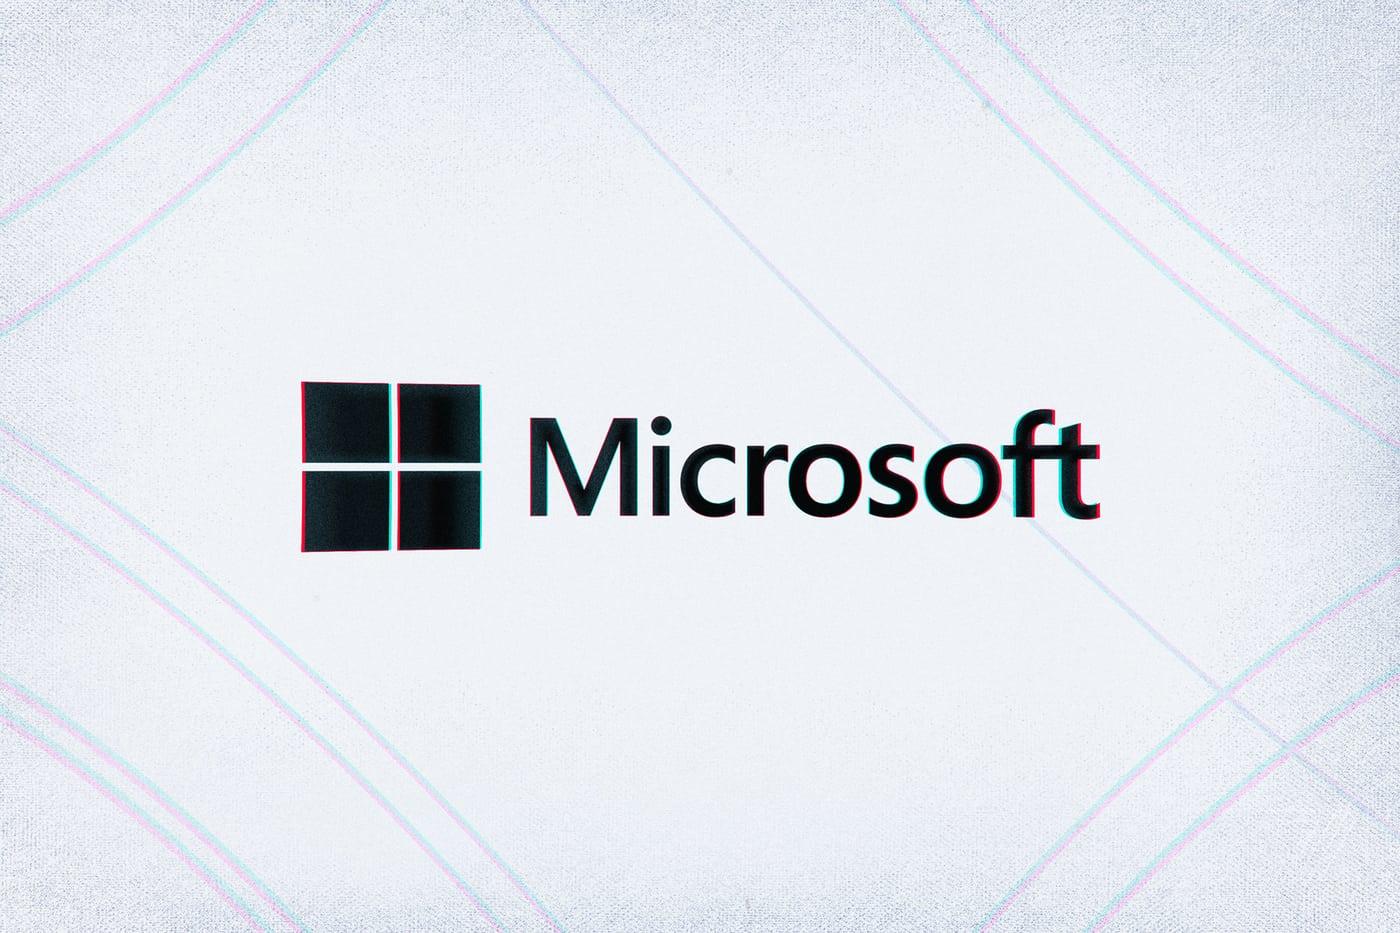 Microsoft treo thưởng 100.000 USD cho ai hack được phiên bản Linux tuỳ biến của hãng